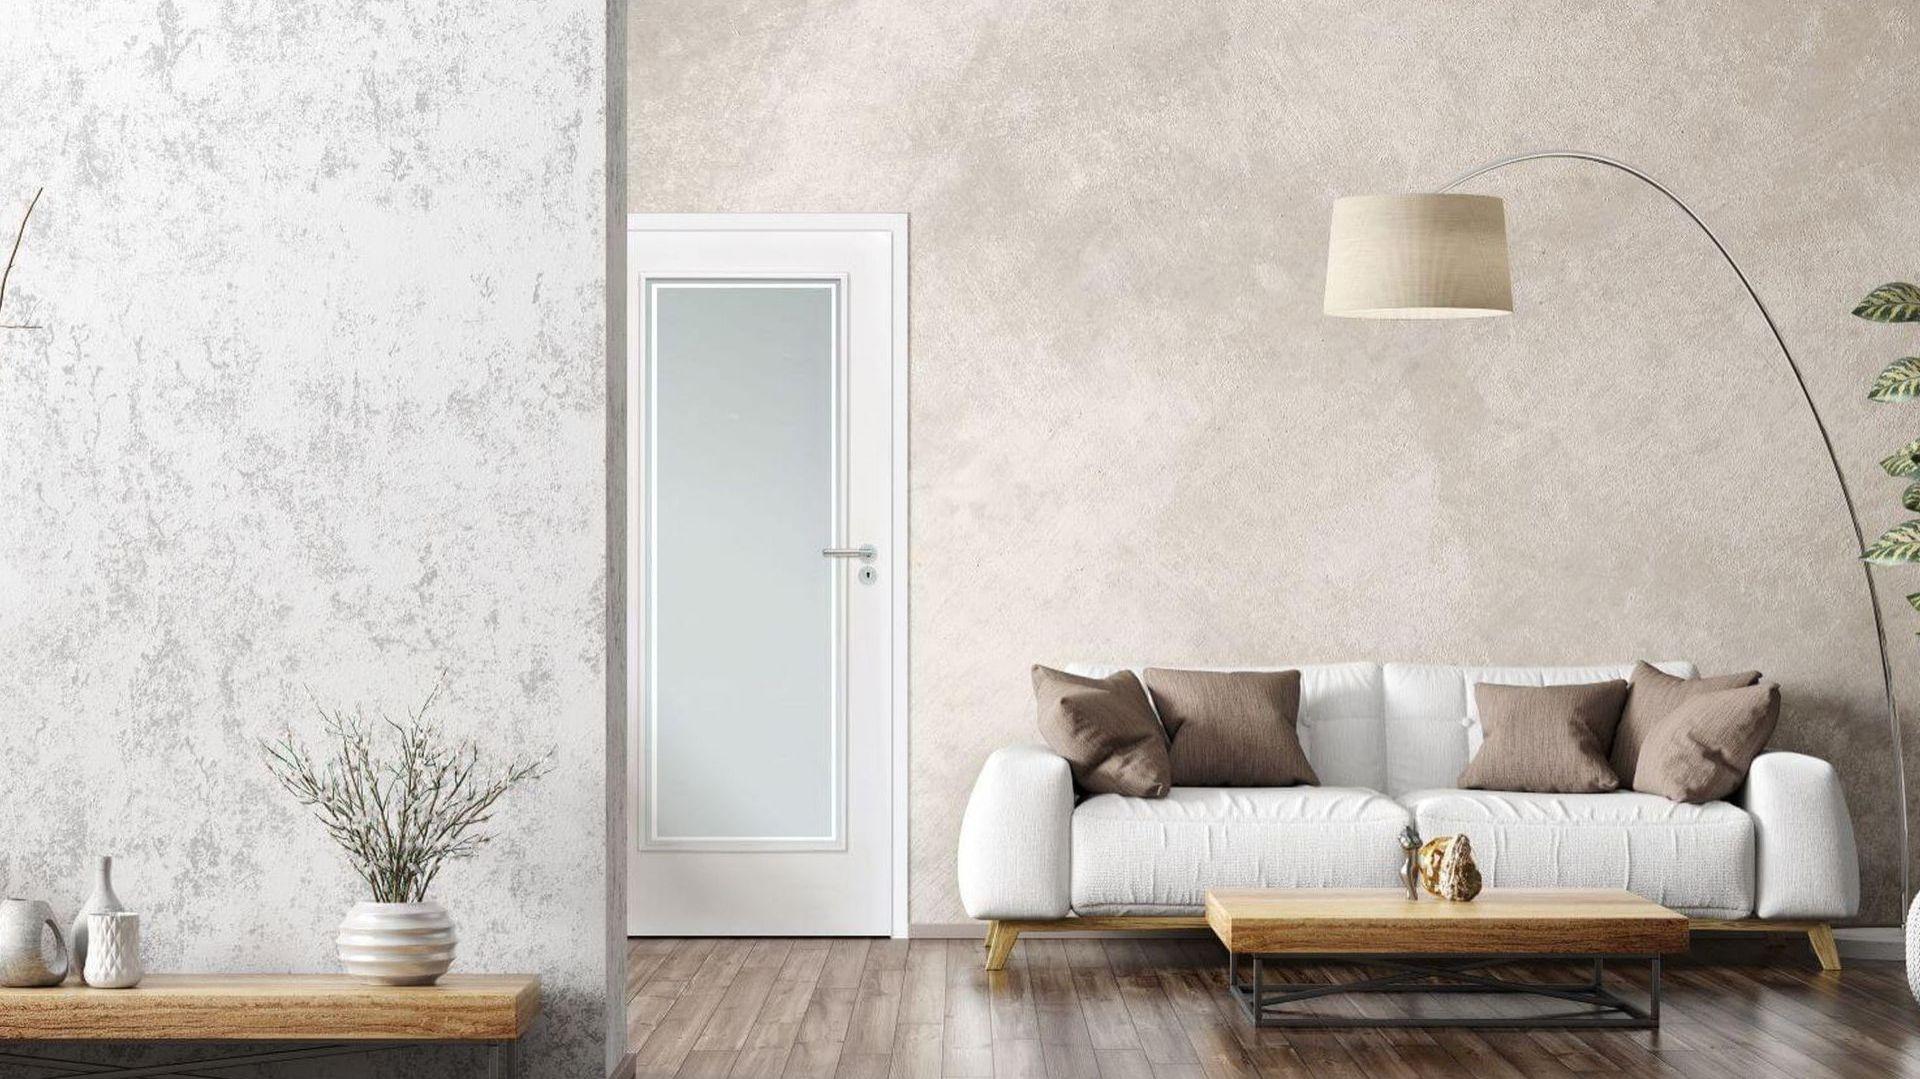 Masywne, mleczne przeszklenie w drzwiach Venis sprawia, że wnętrze zyskuje jaśniejszy, pogodniejszy wygląd. Fot. RuckZuck